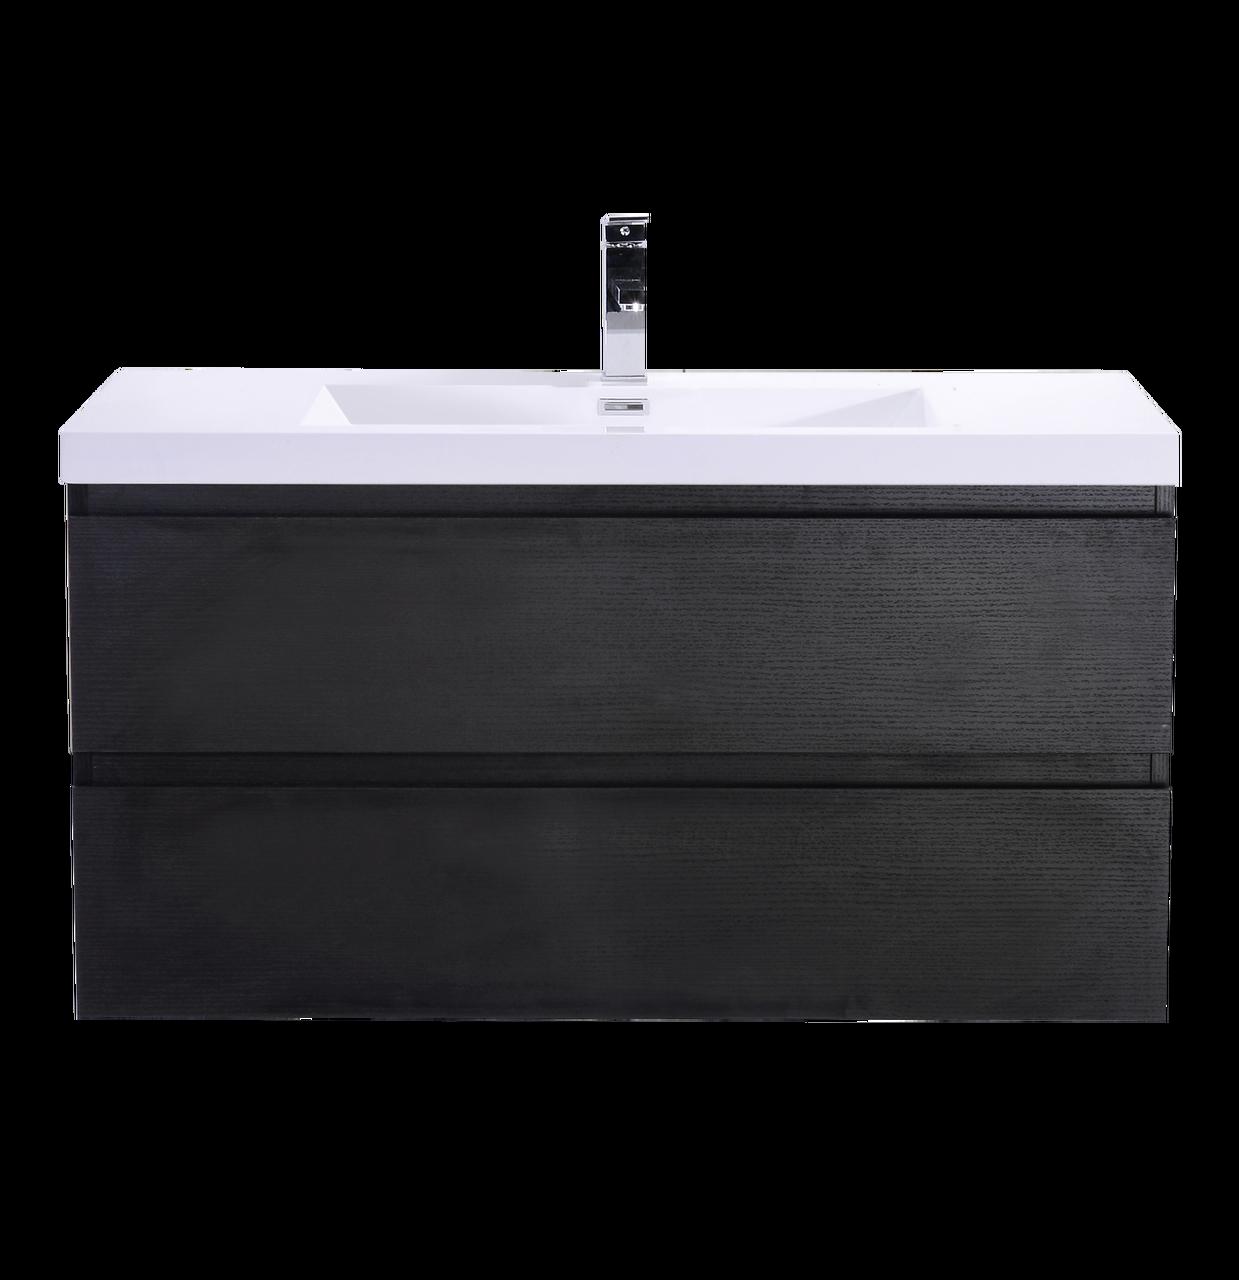 Bohemia 42 Mounted Modern Bathroom Vanity With Reinforced Acrylic Sink Tona Bathroom Vanity